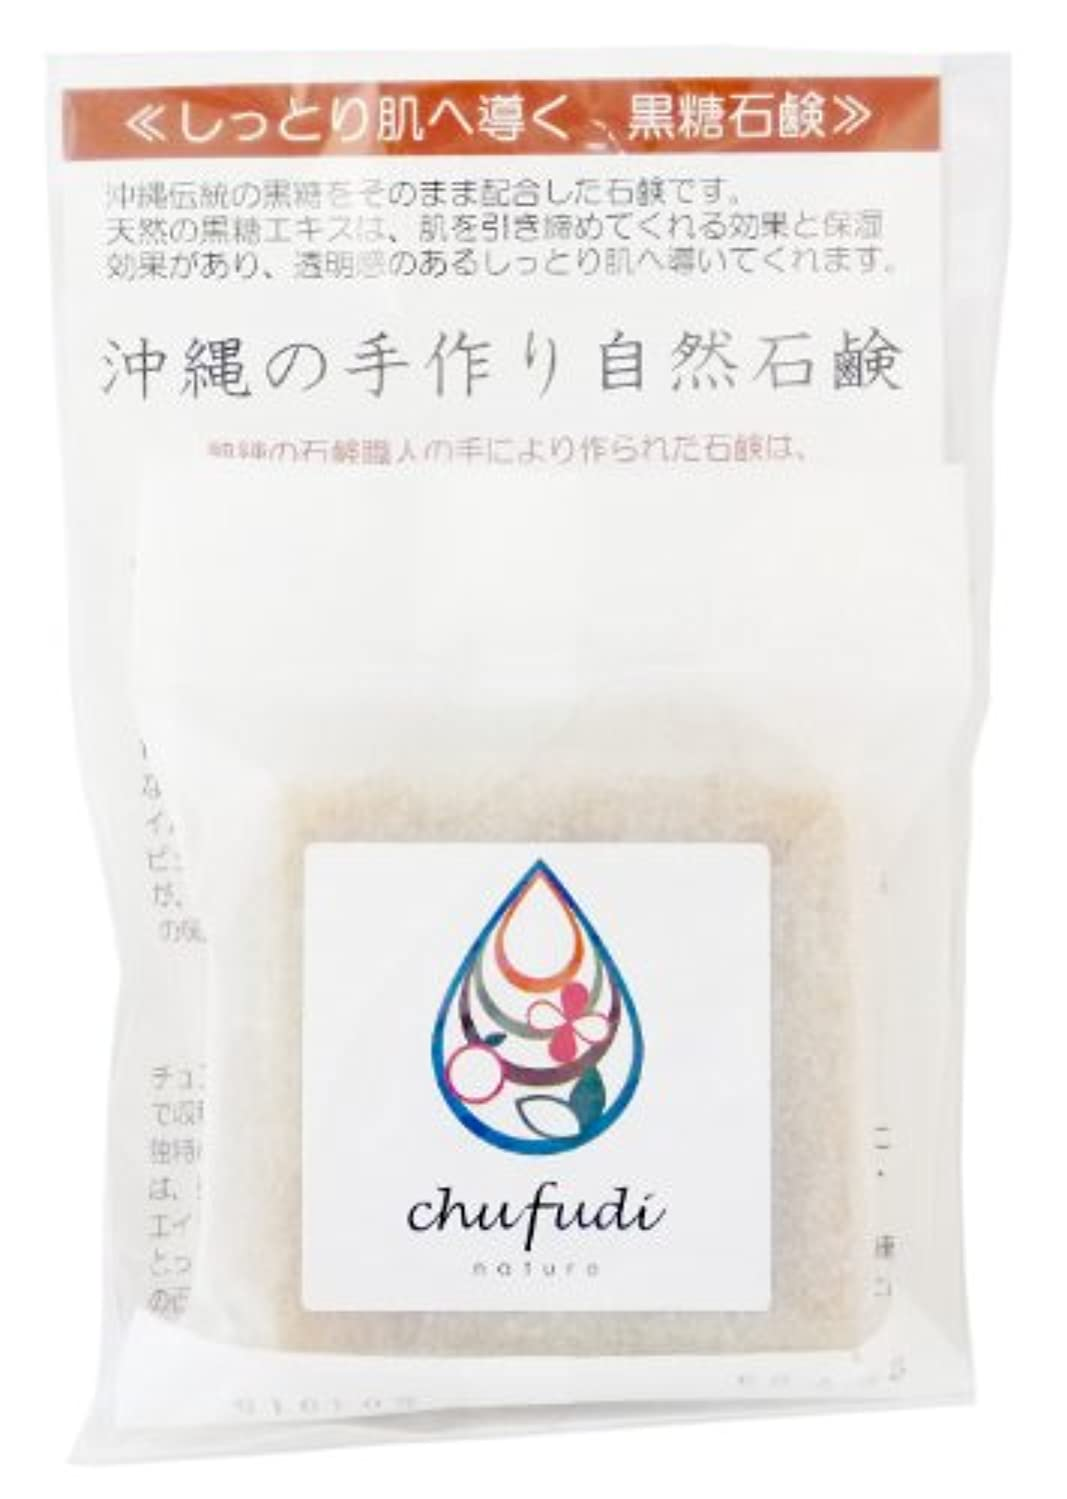 どのくらいの頻度で厚い曲がったチュフディ ナチュール しっとり肌へ導く 沖縄原産 黒糖石鹸